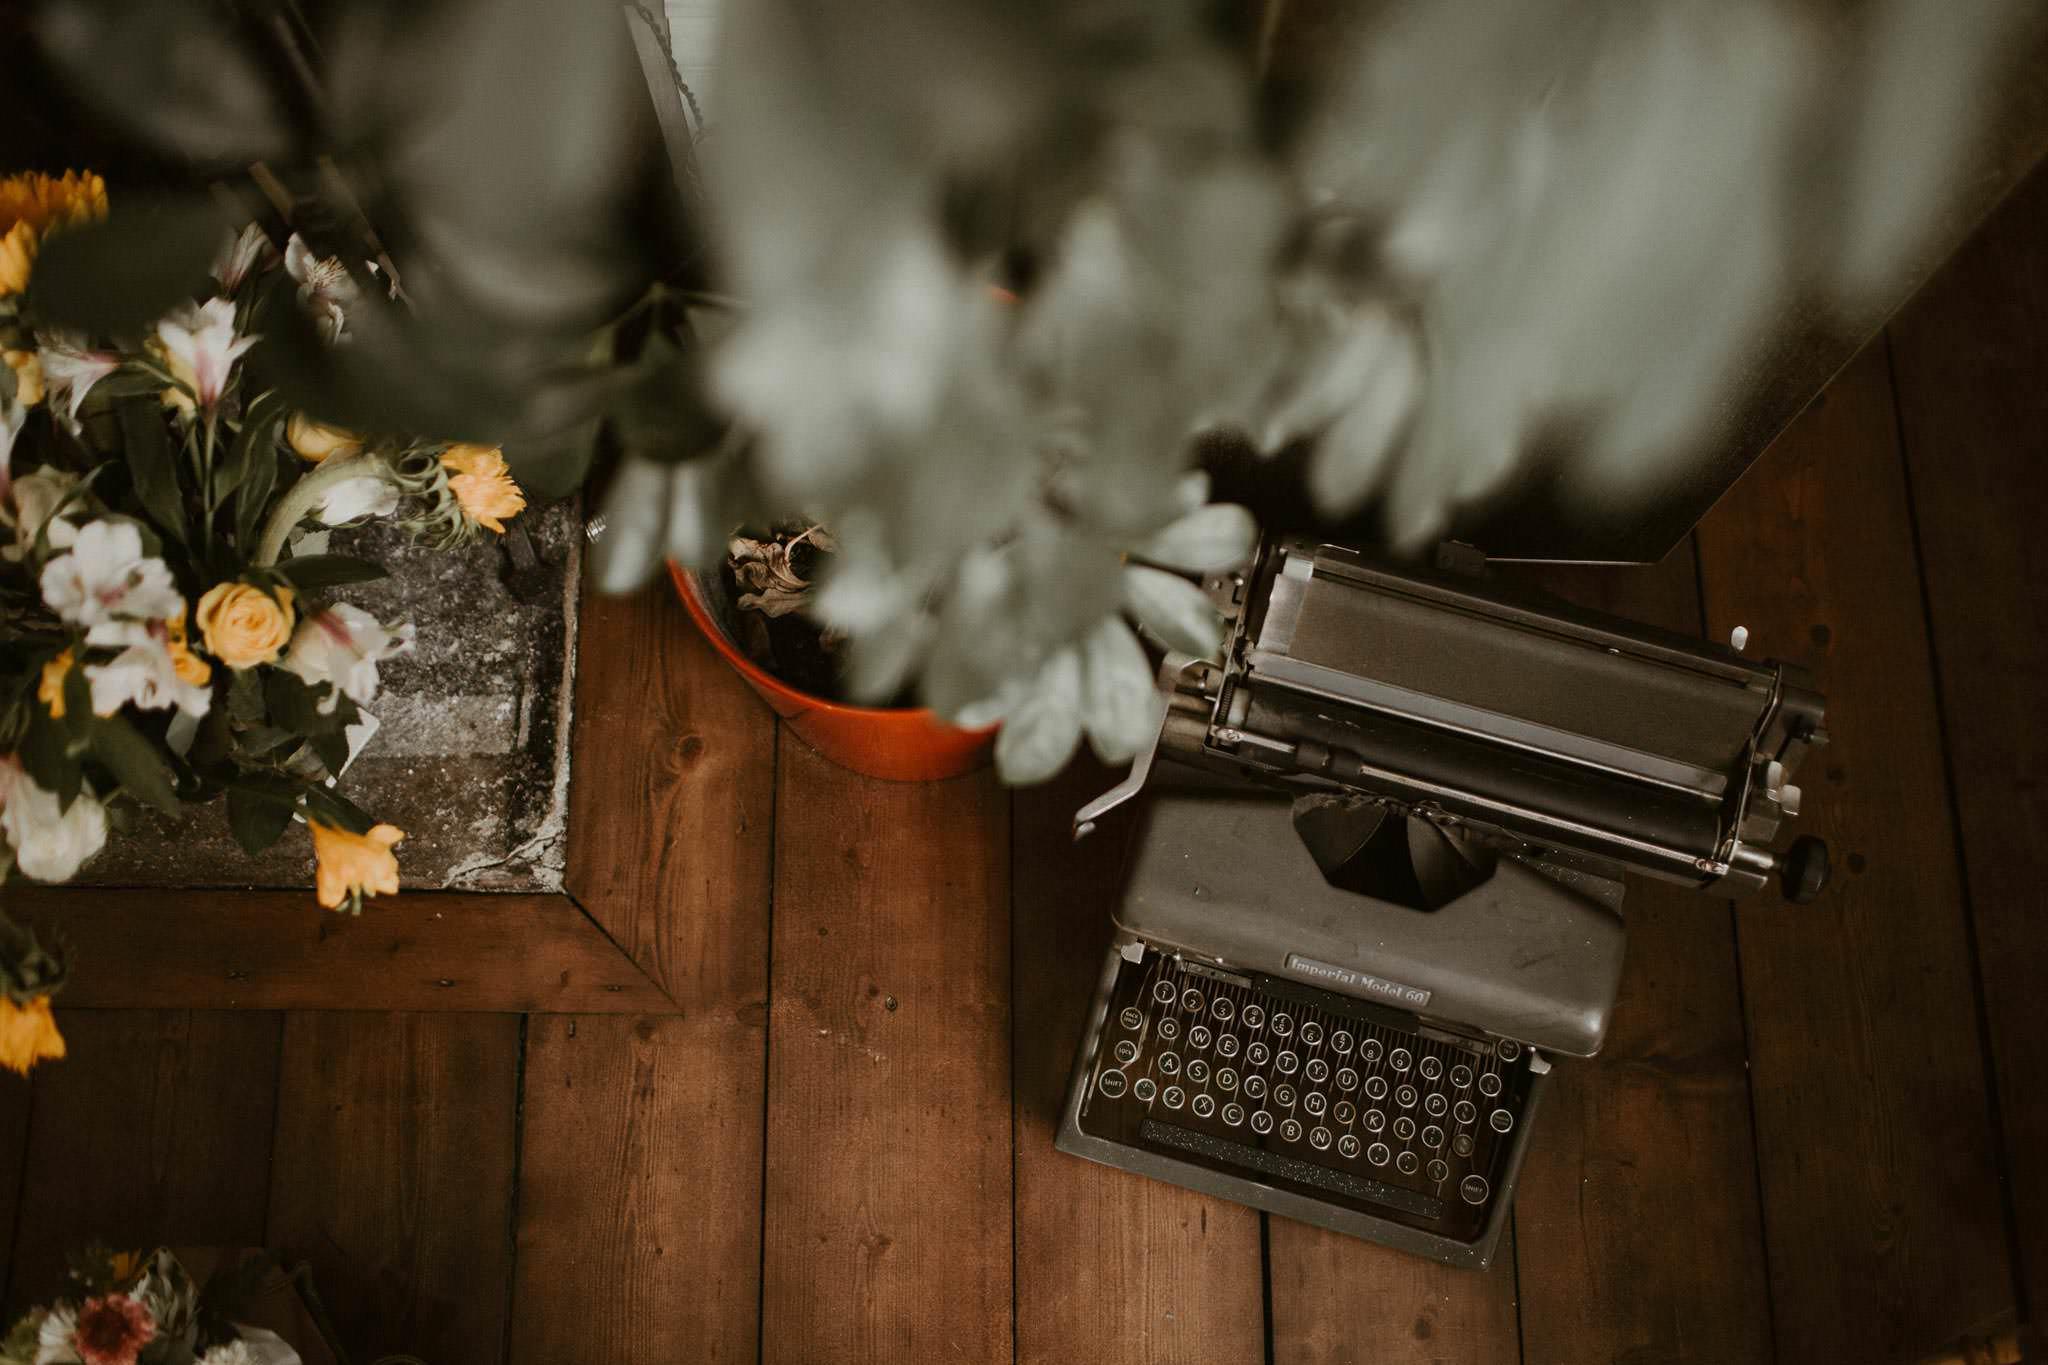 scottish-wedding-photography-013